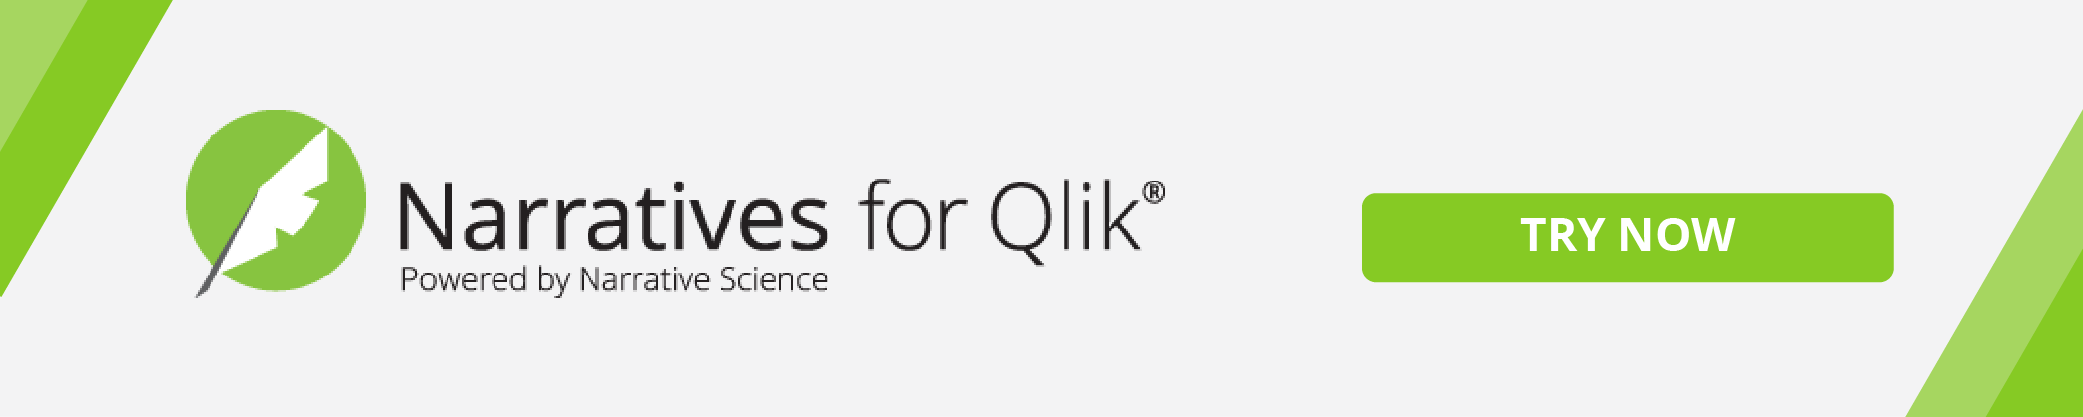 Narratives for Qlik examples